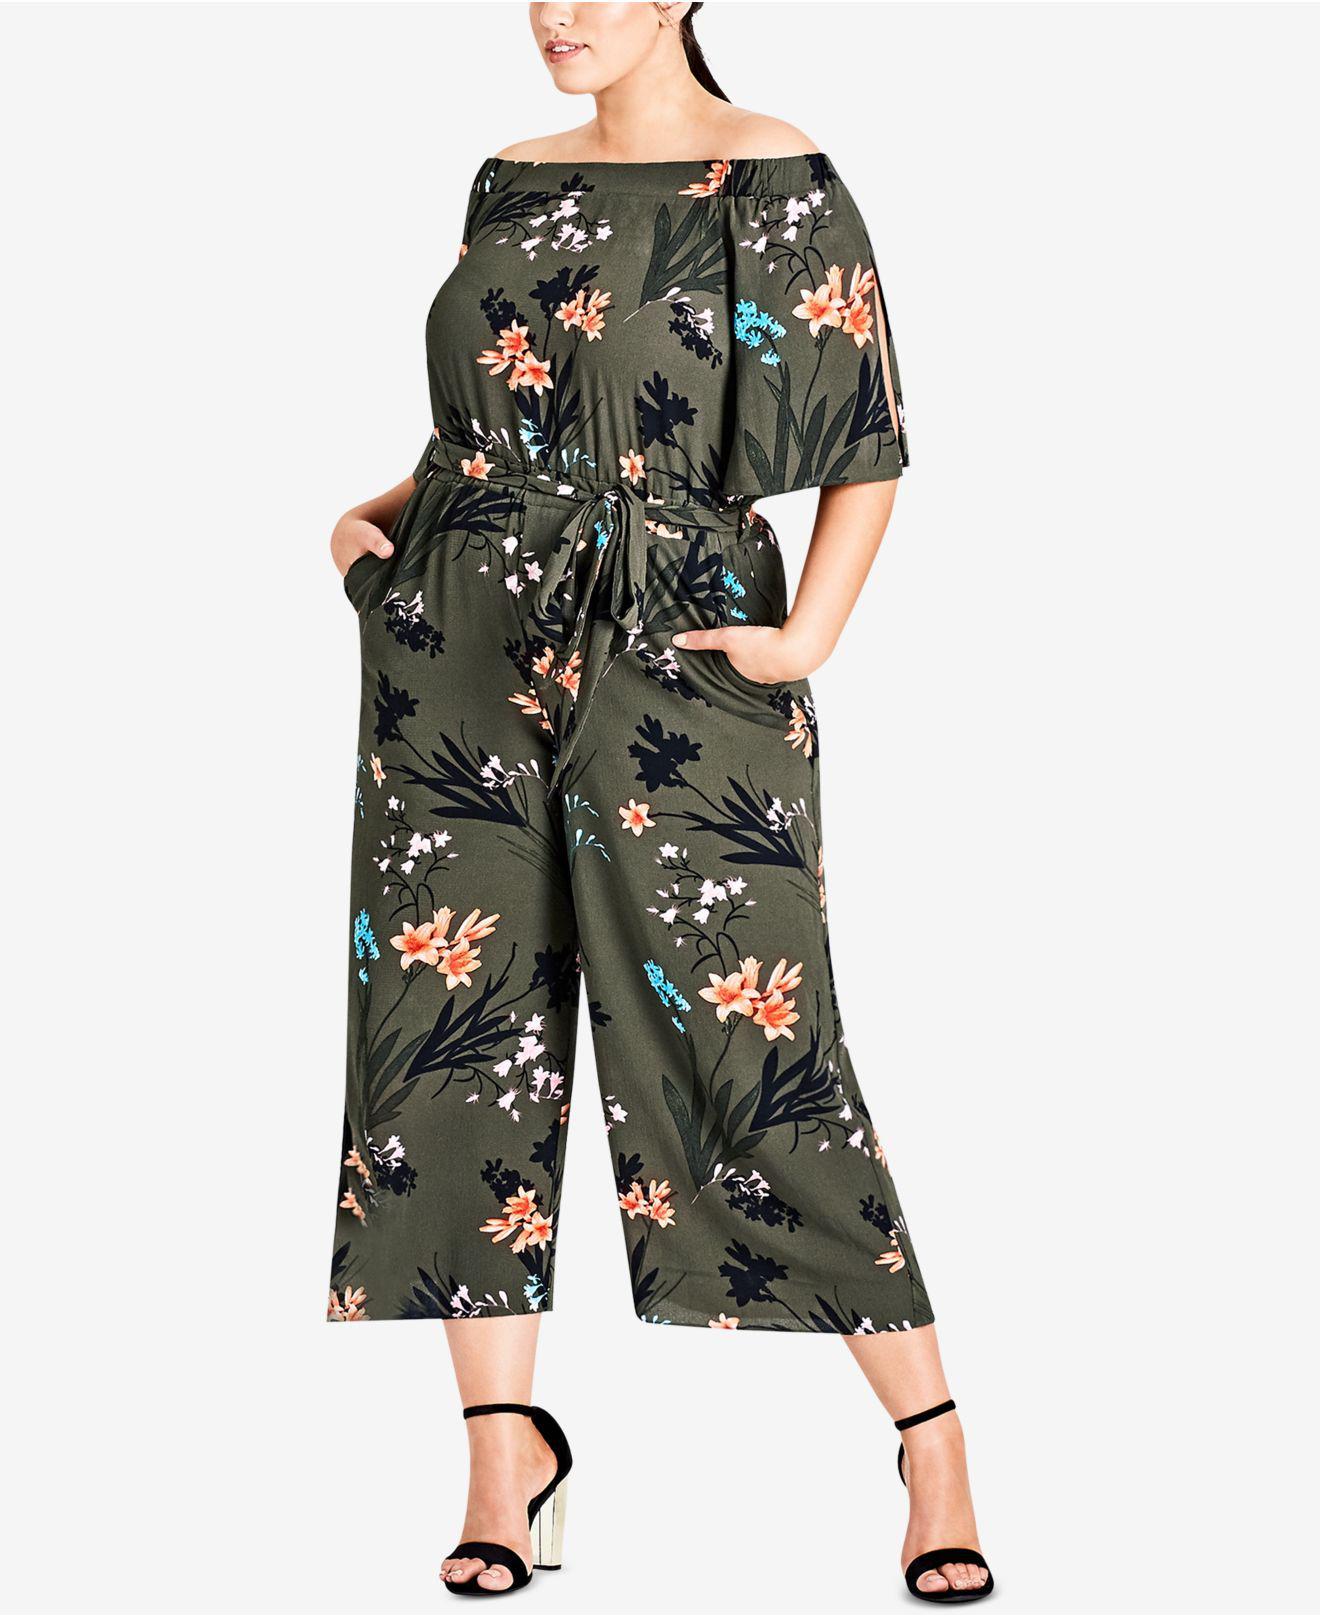 073c1b311b7 Lyst - City Chic Trendy Plus Size Off-the-shoulder Jumpsuit